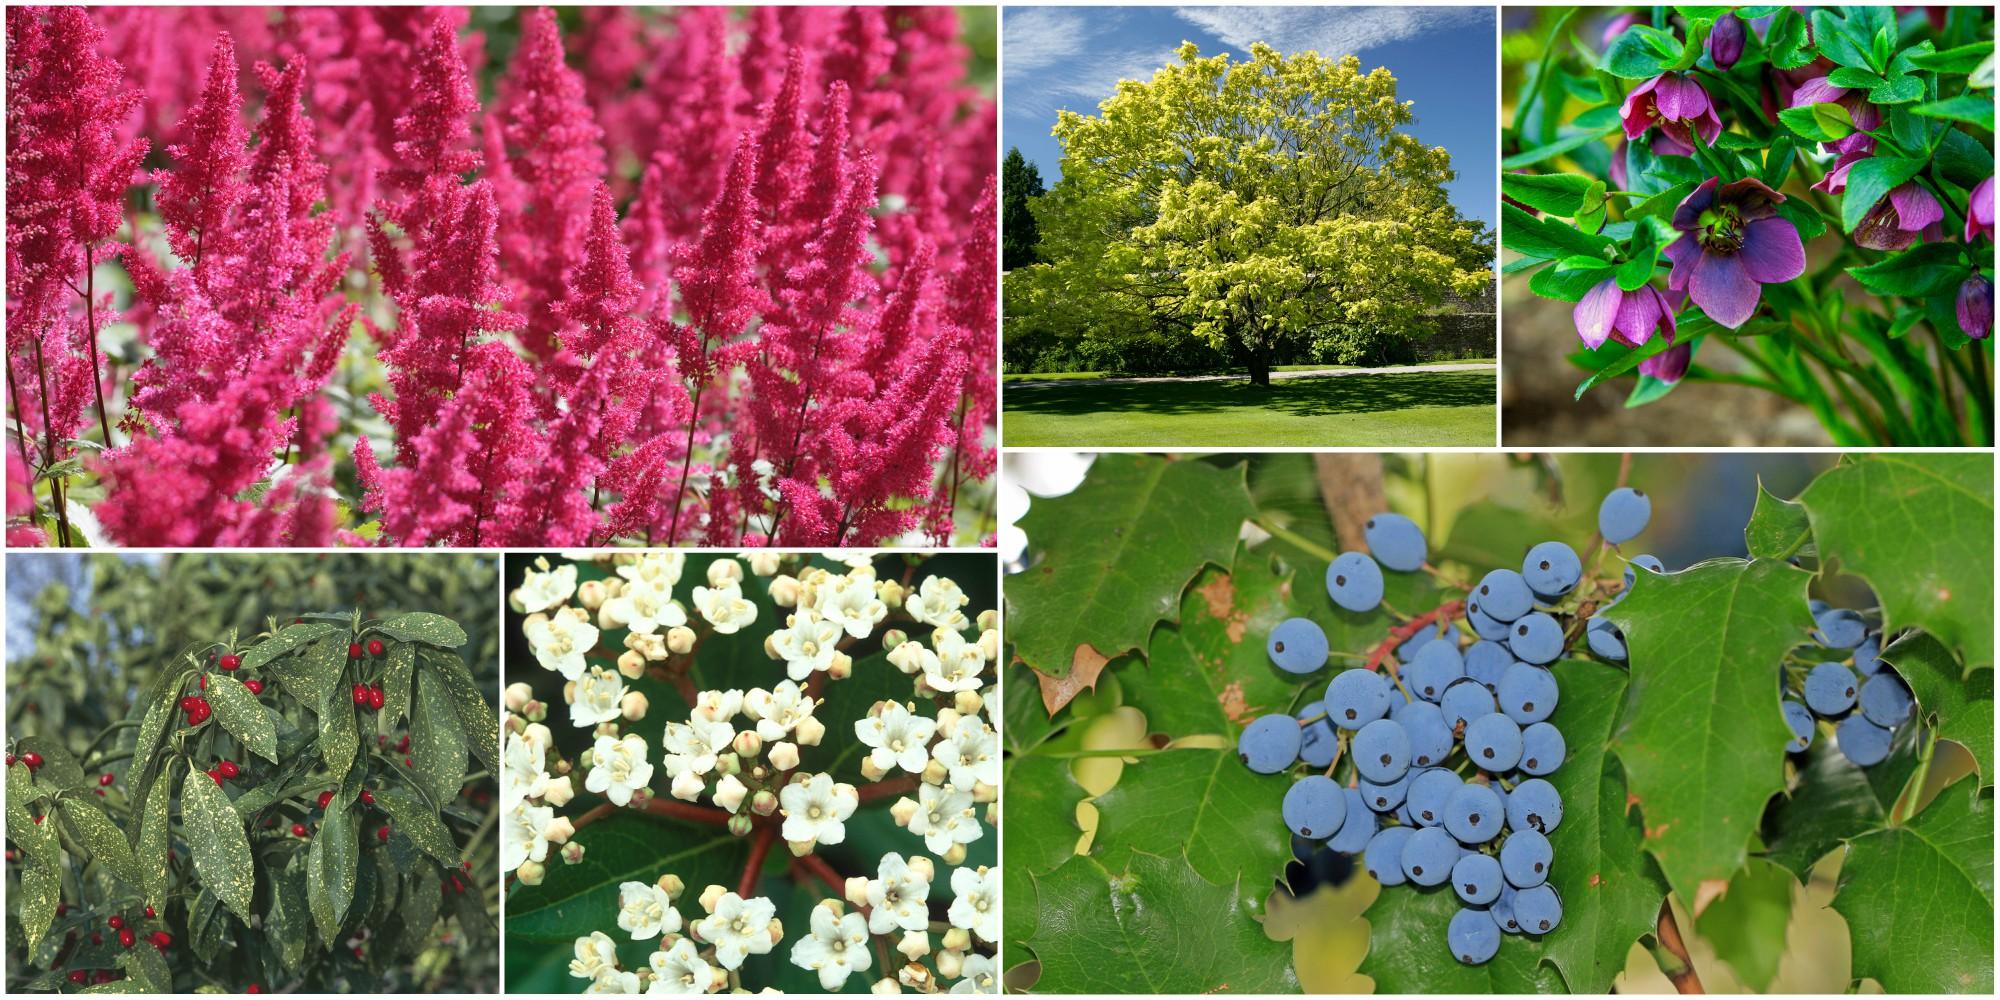 10 piante da esterno e tipi di fiori resistenti al freddo for Cespugli fioriti perenni resistenti al freddo